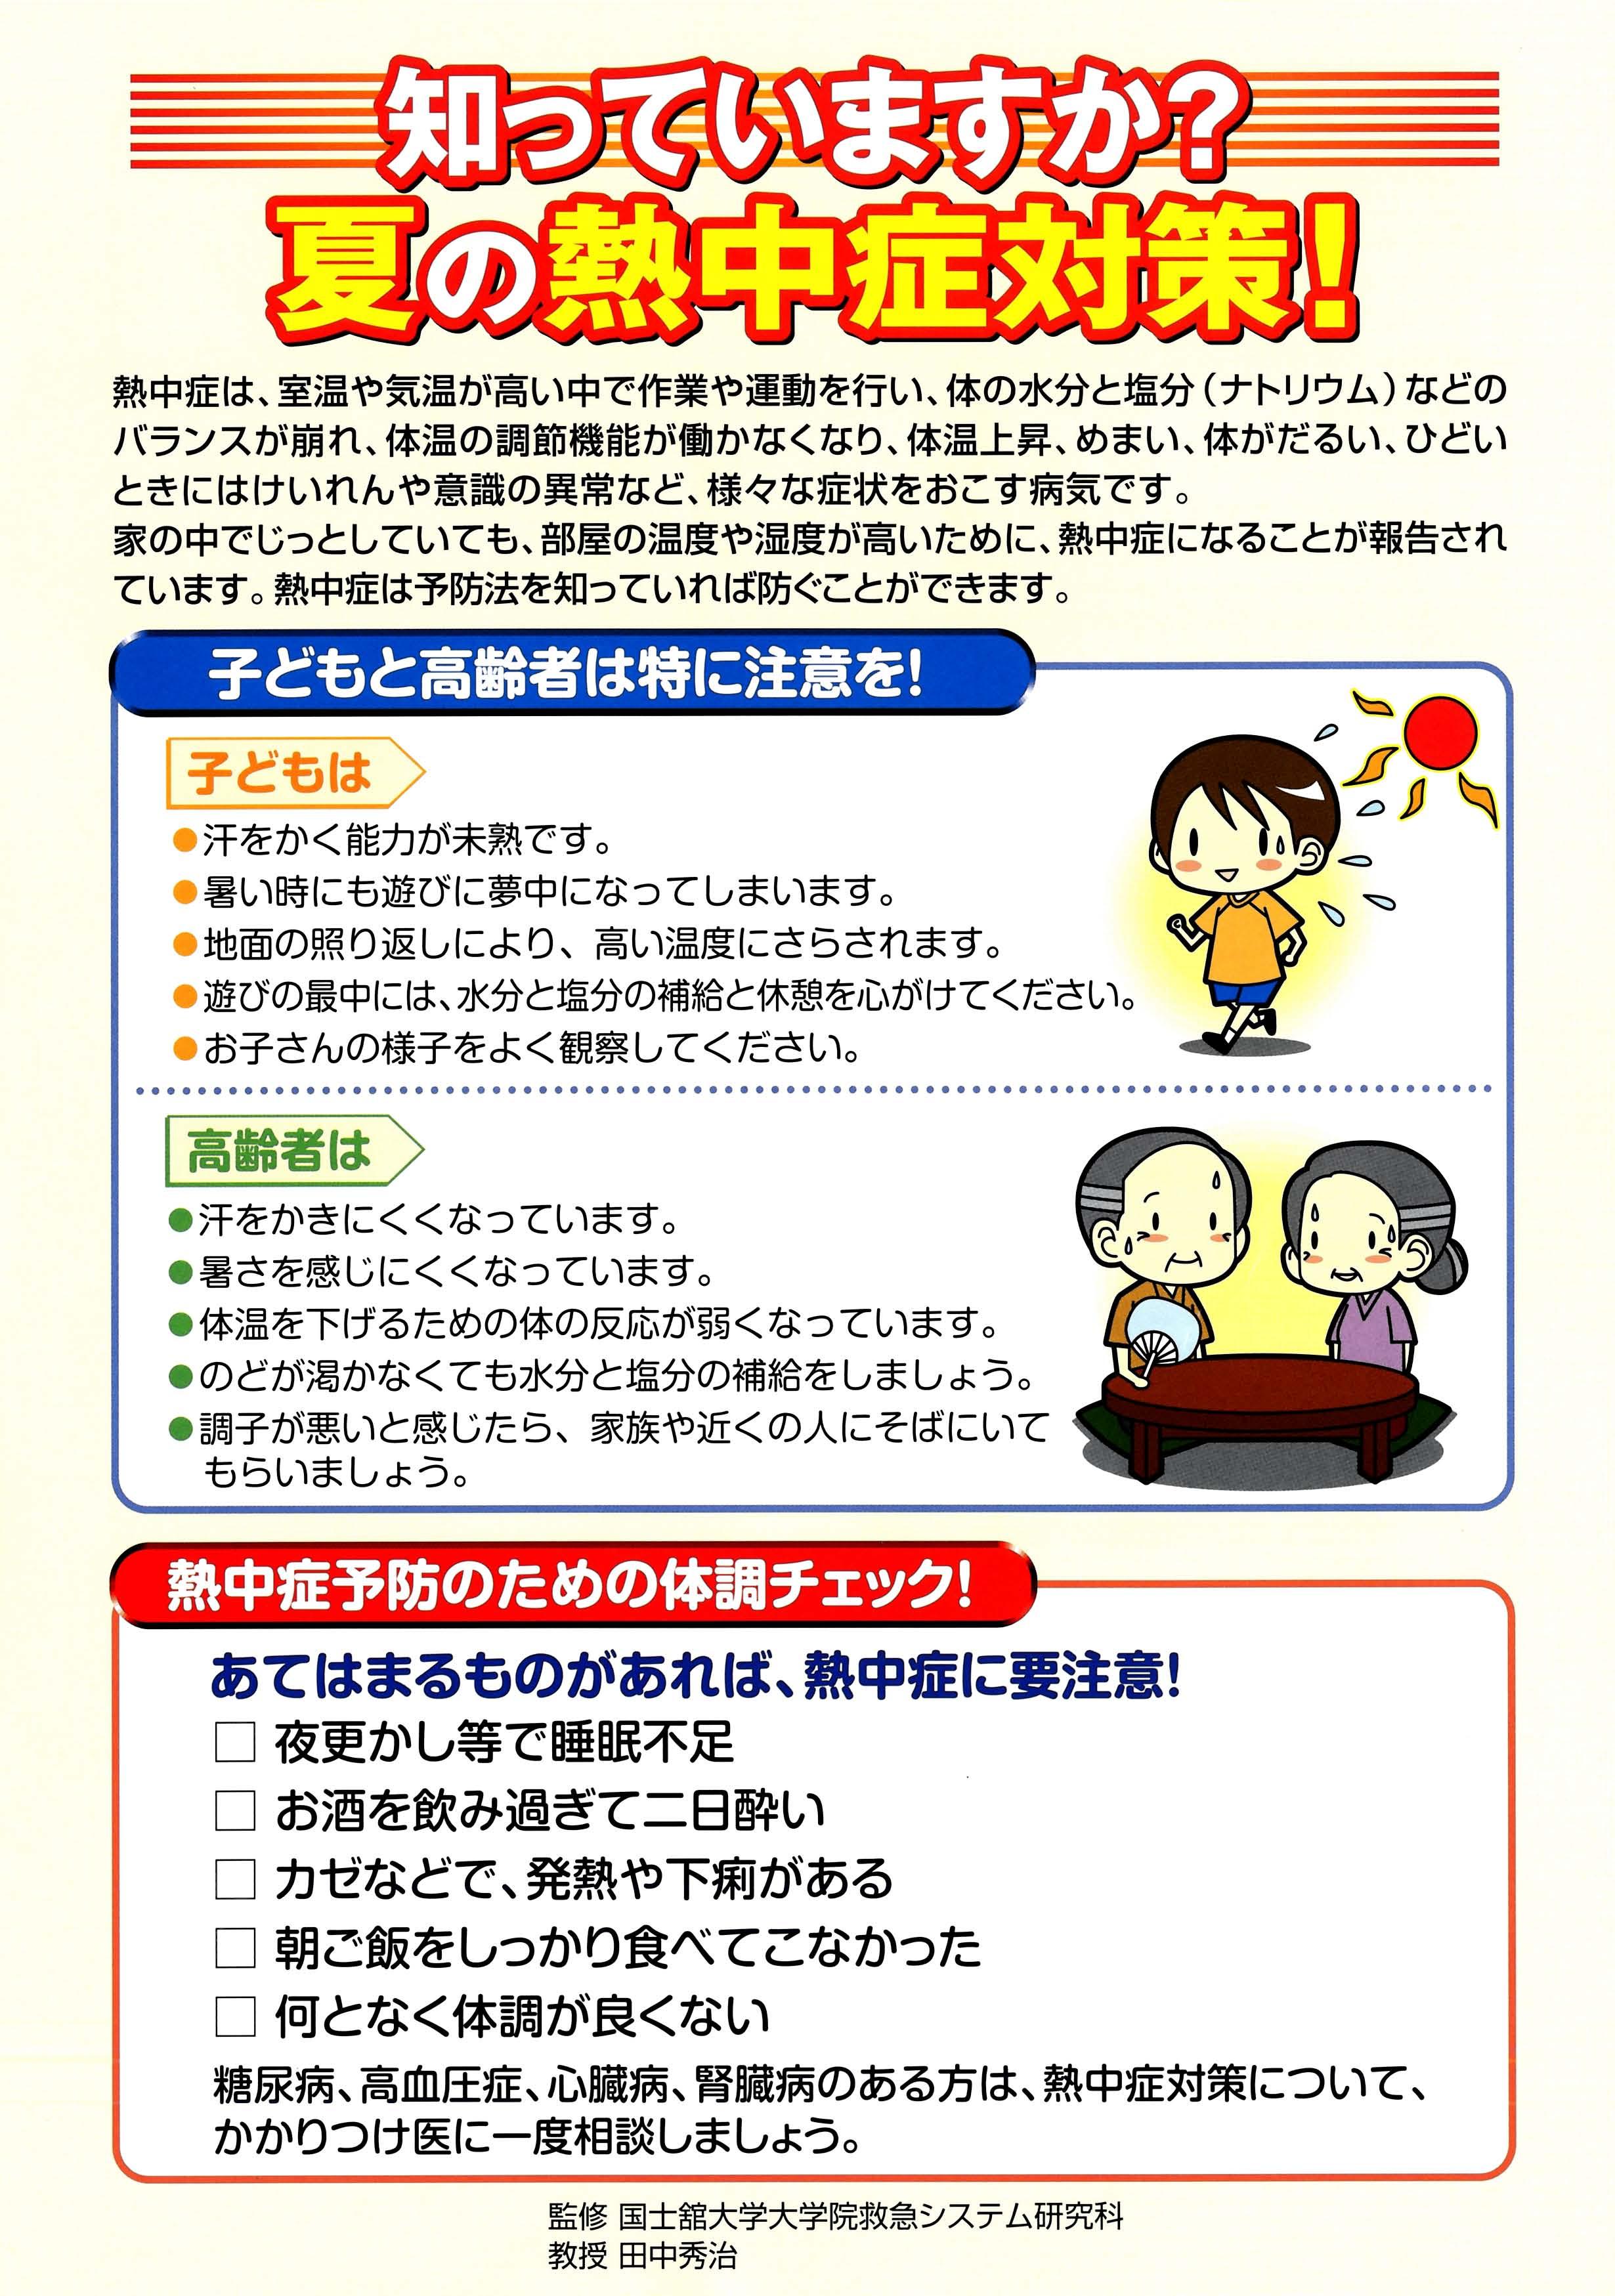 熱中症対策について